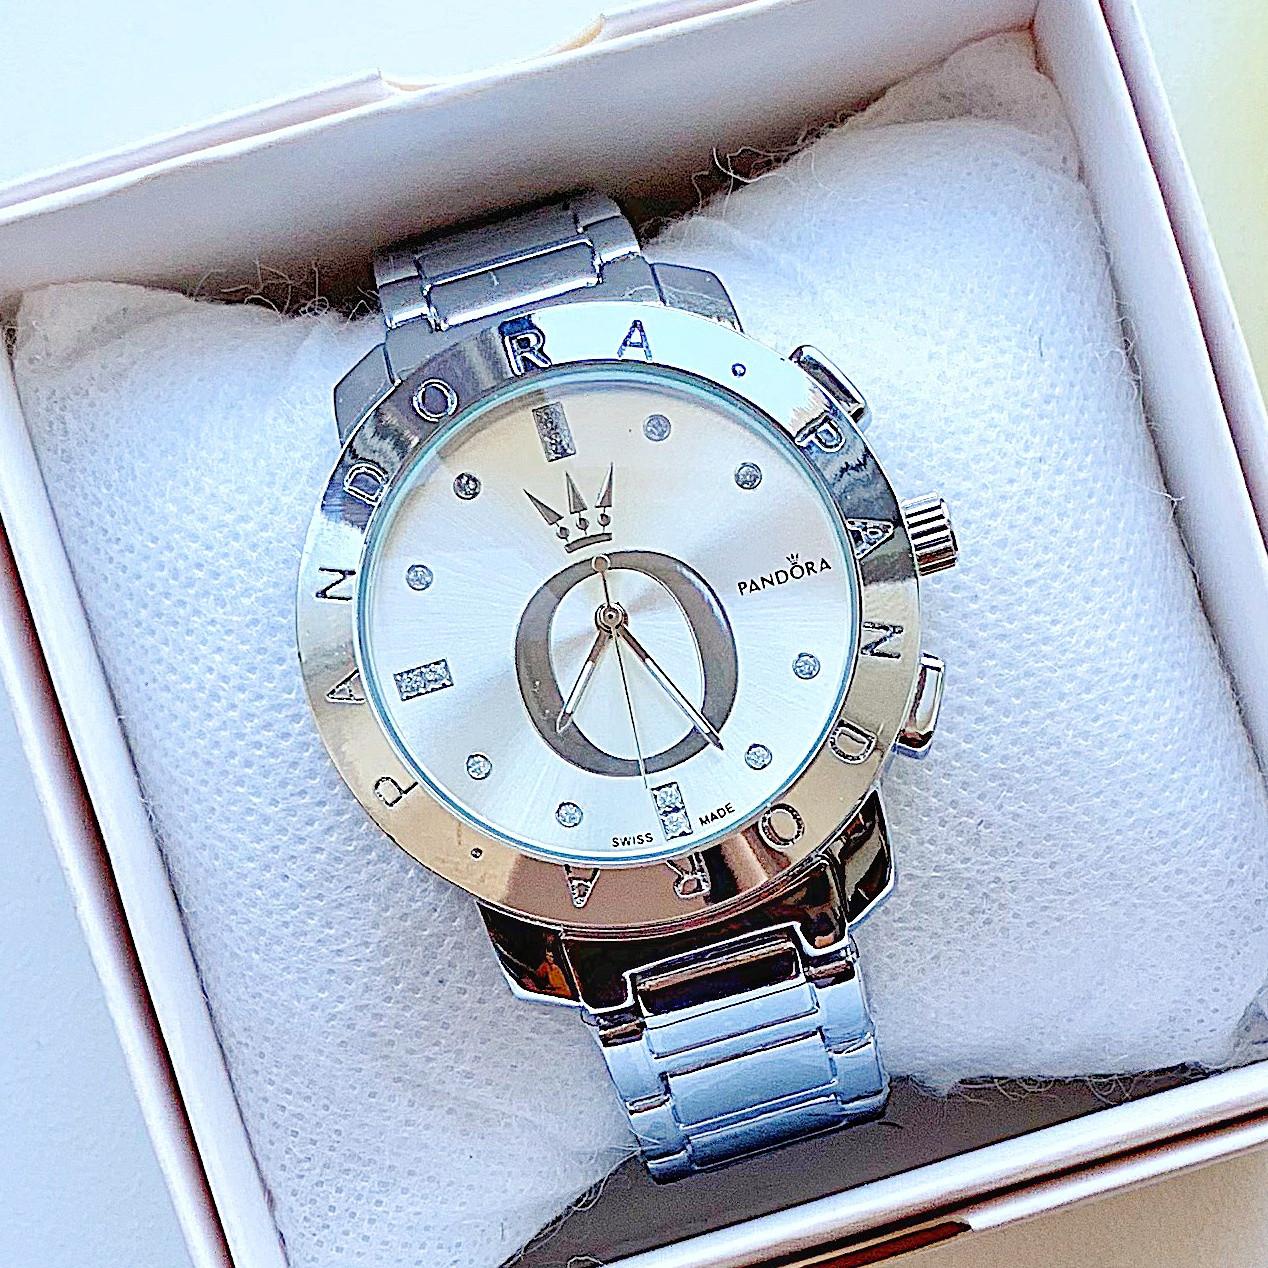 Купить часы скидка купоны на скидку в спб